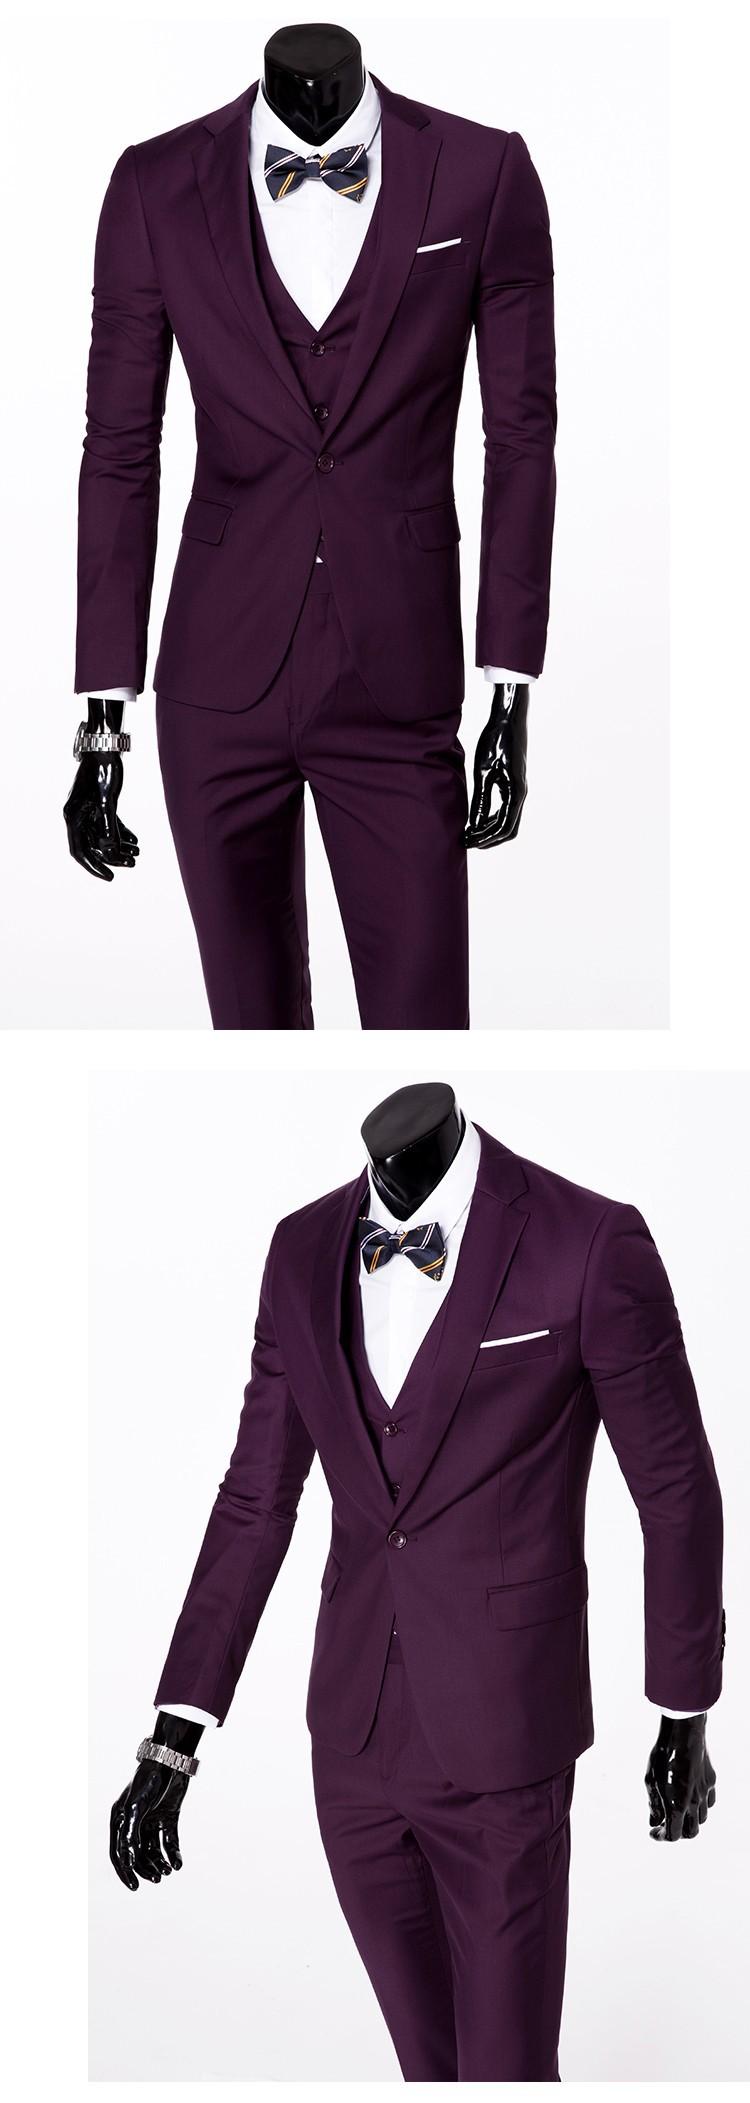 (Kurtka + kamizelka + spodnie) 2017 Nowa wiosna marka koszulka Męska slim fit Firm a trzyczęściowe Garnitury/Męskie dobrej groom dress/mężczyźni Blazers 17